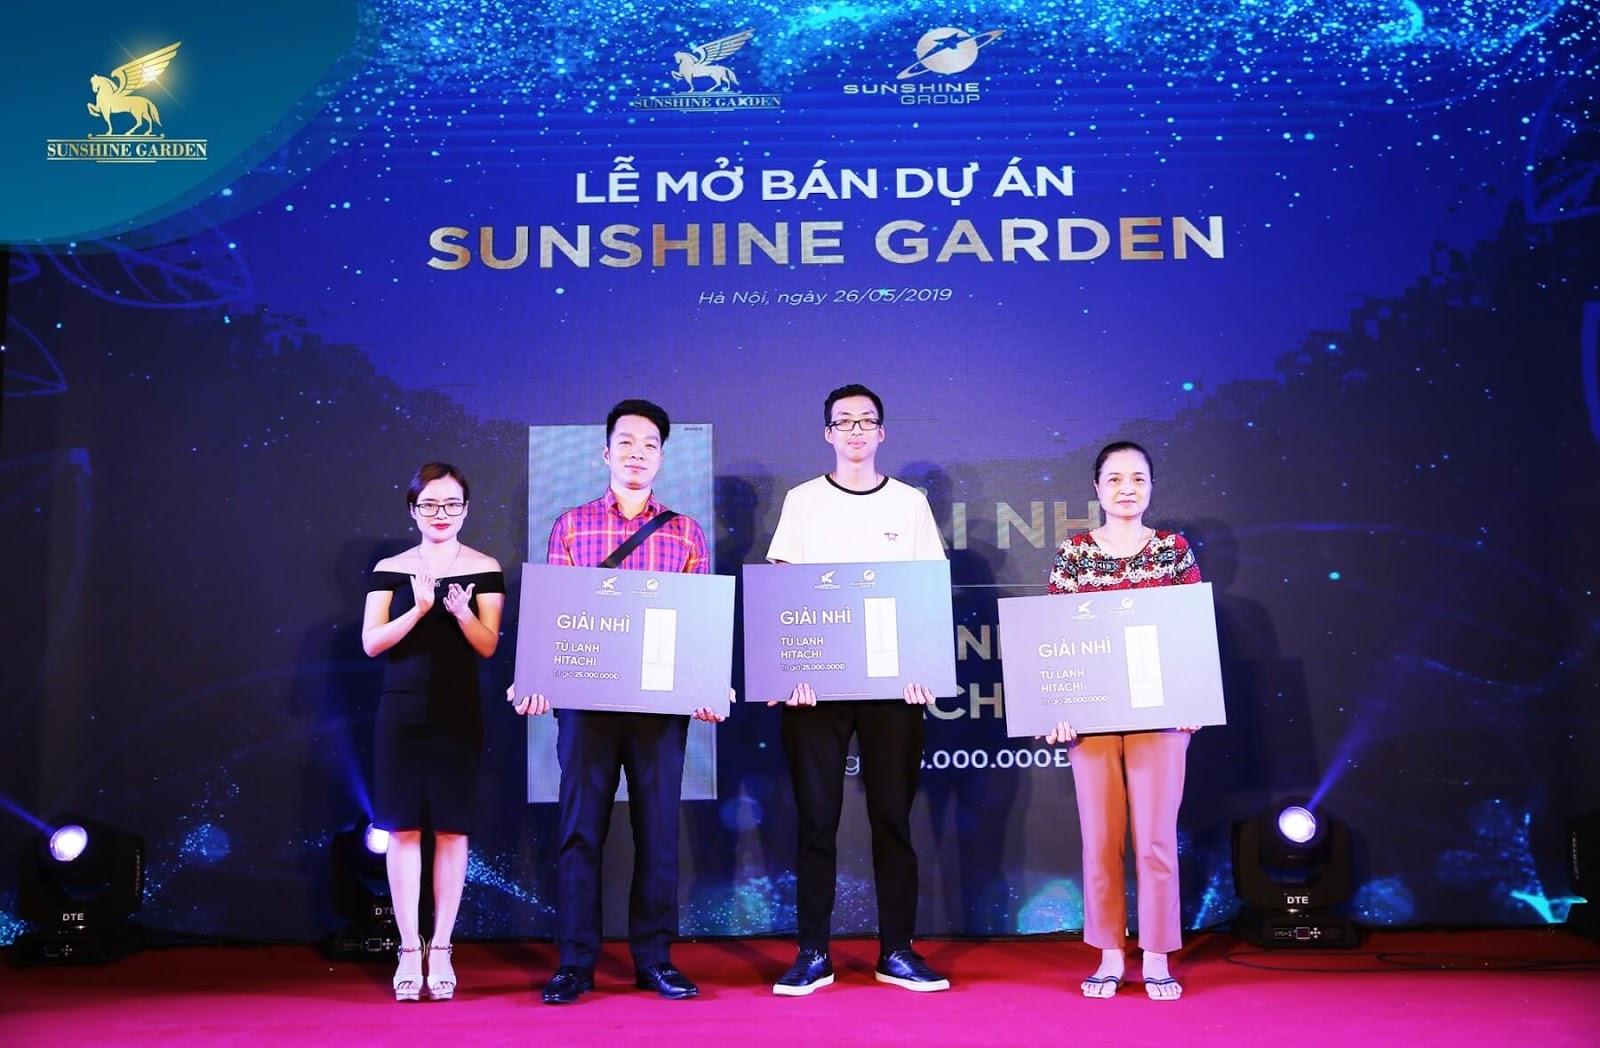 Khách hàng bốc thăm trúng thưởng Sunshine Garden Vĩnh Tuy